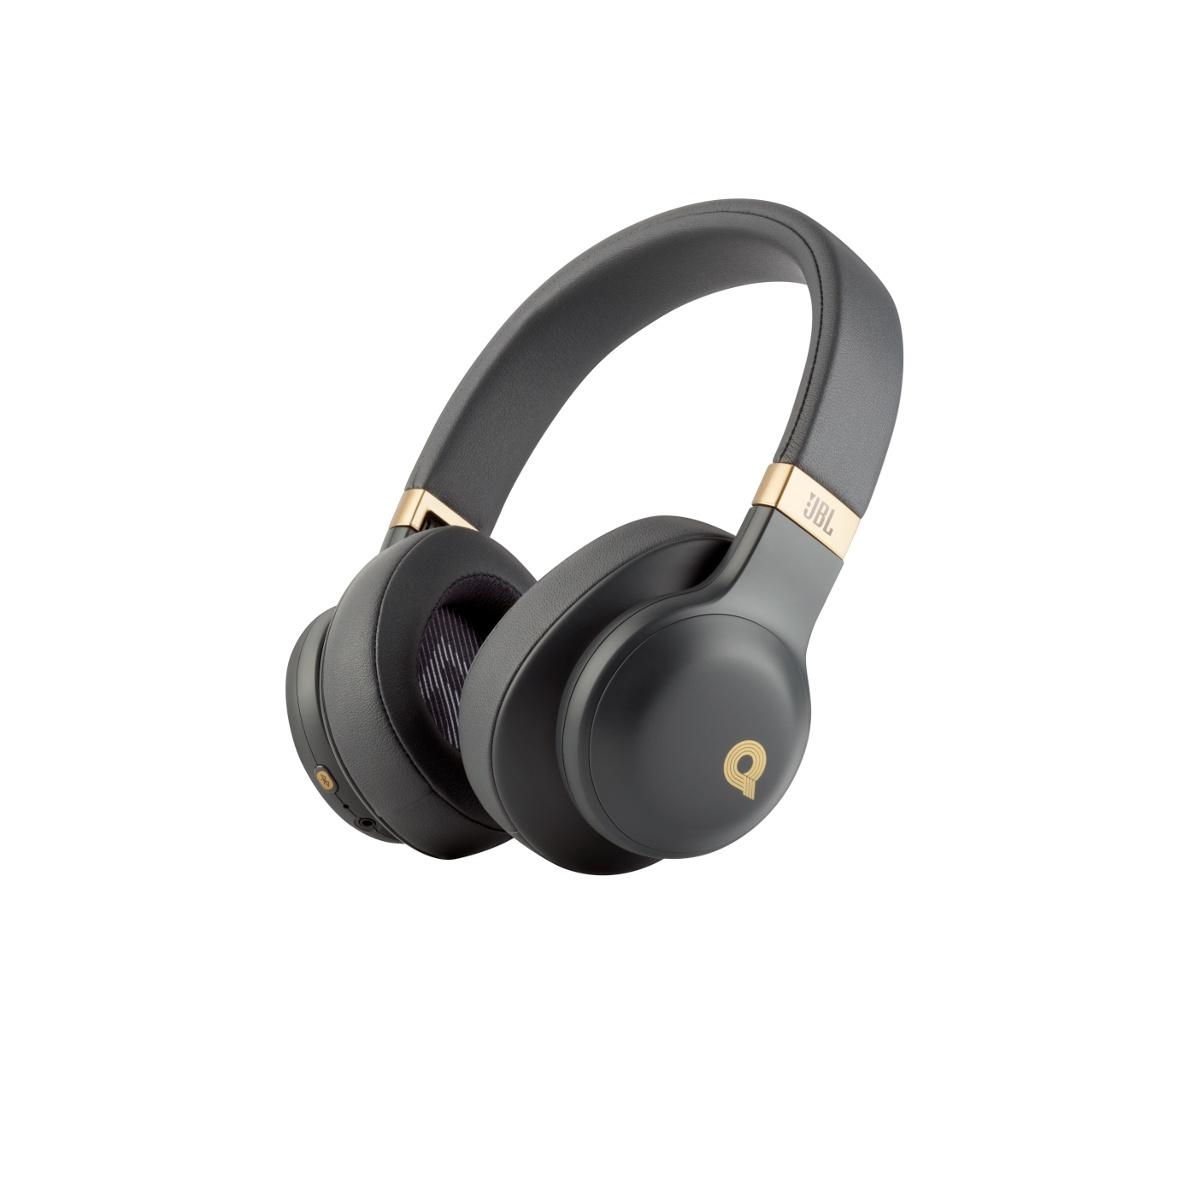 Наушники/mic/Bt JBL E55BTQEBLK 1.3м черный/золотистый беспроводные